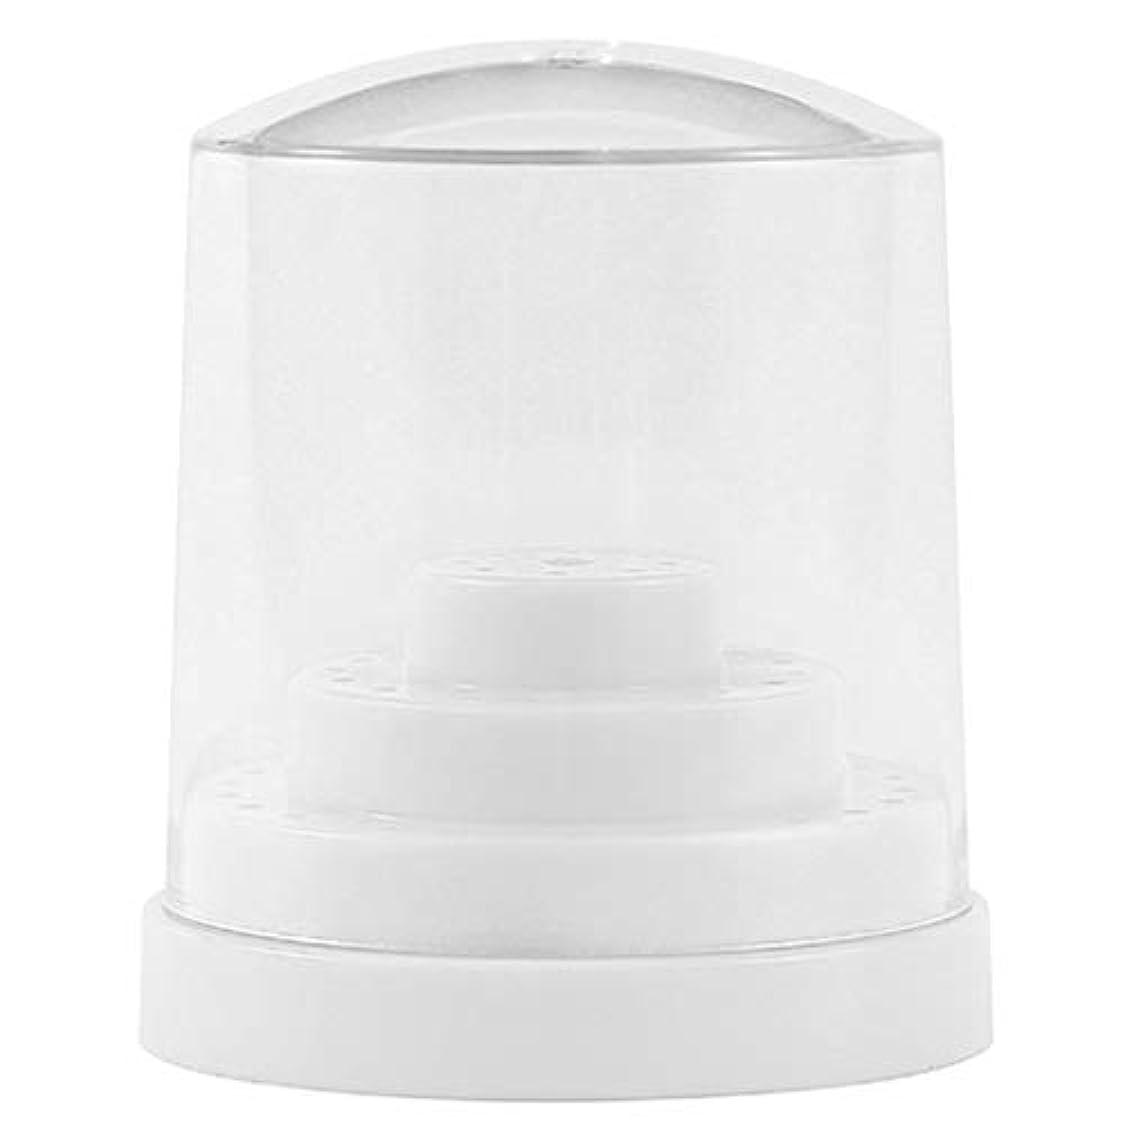 ビリーヤギ罪悪感ドロップPerfeclan 三層48穴 ネイルドリルビットホルダー アクリル製 ネイルマシーン用ビットスタンド 防塵 全2色 - ホワイト